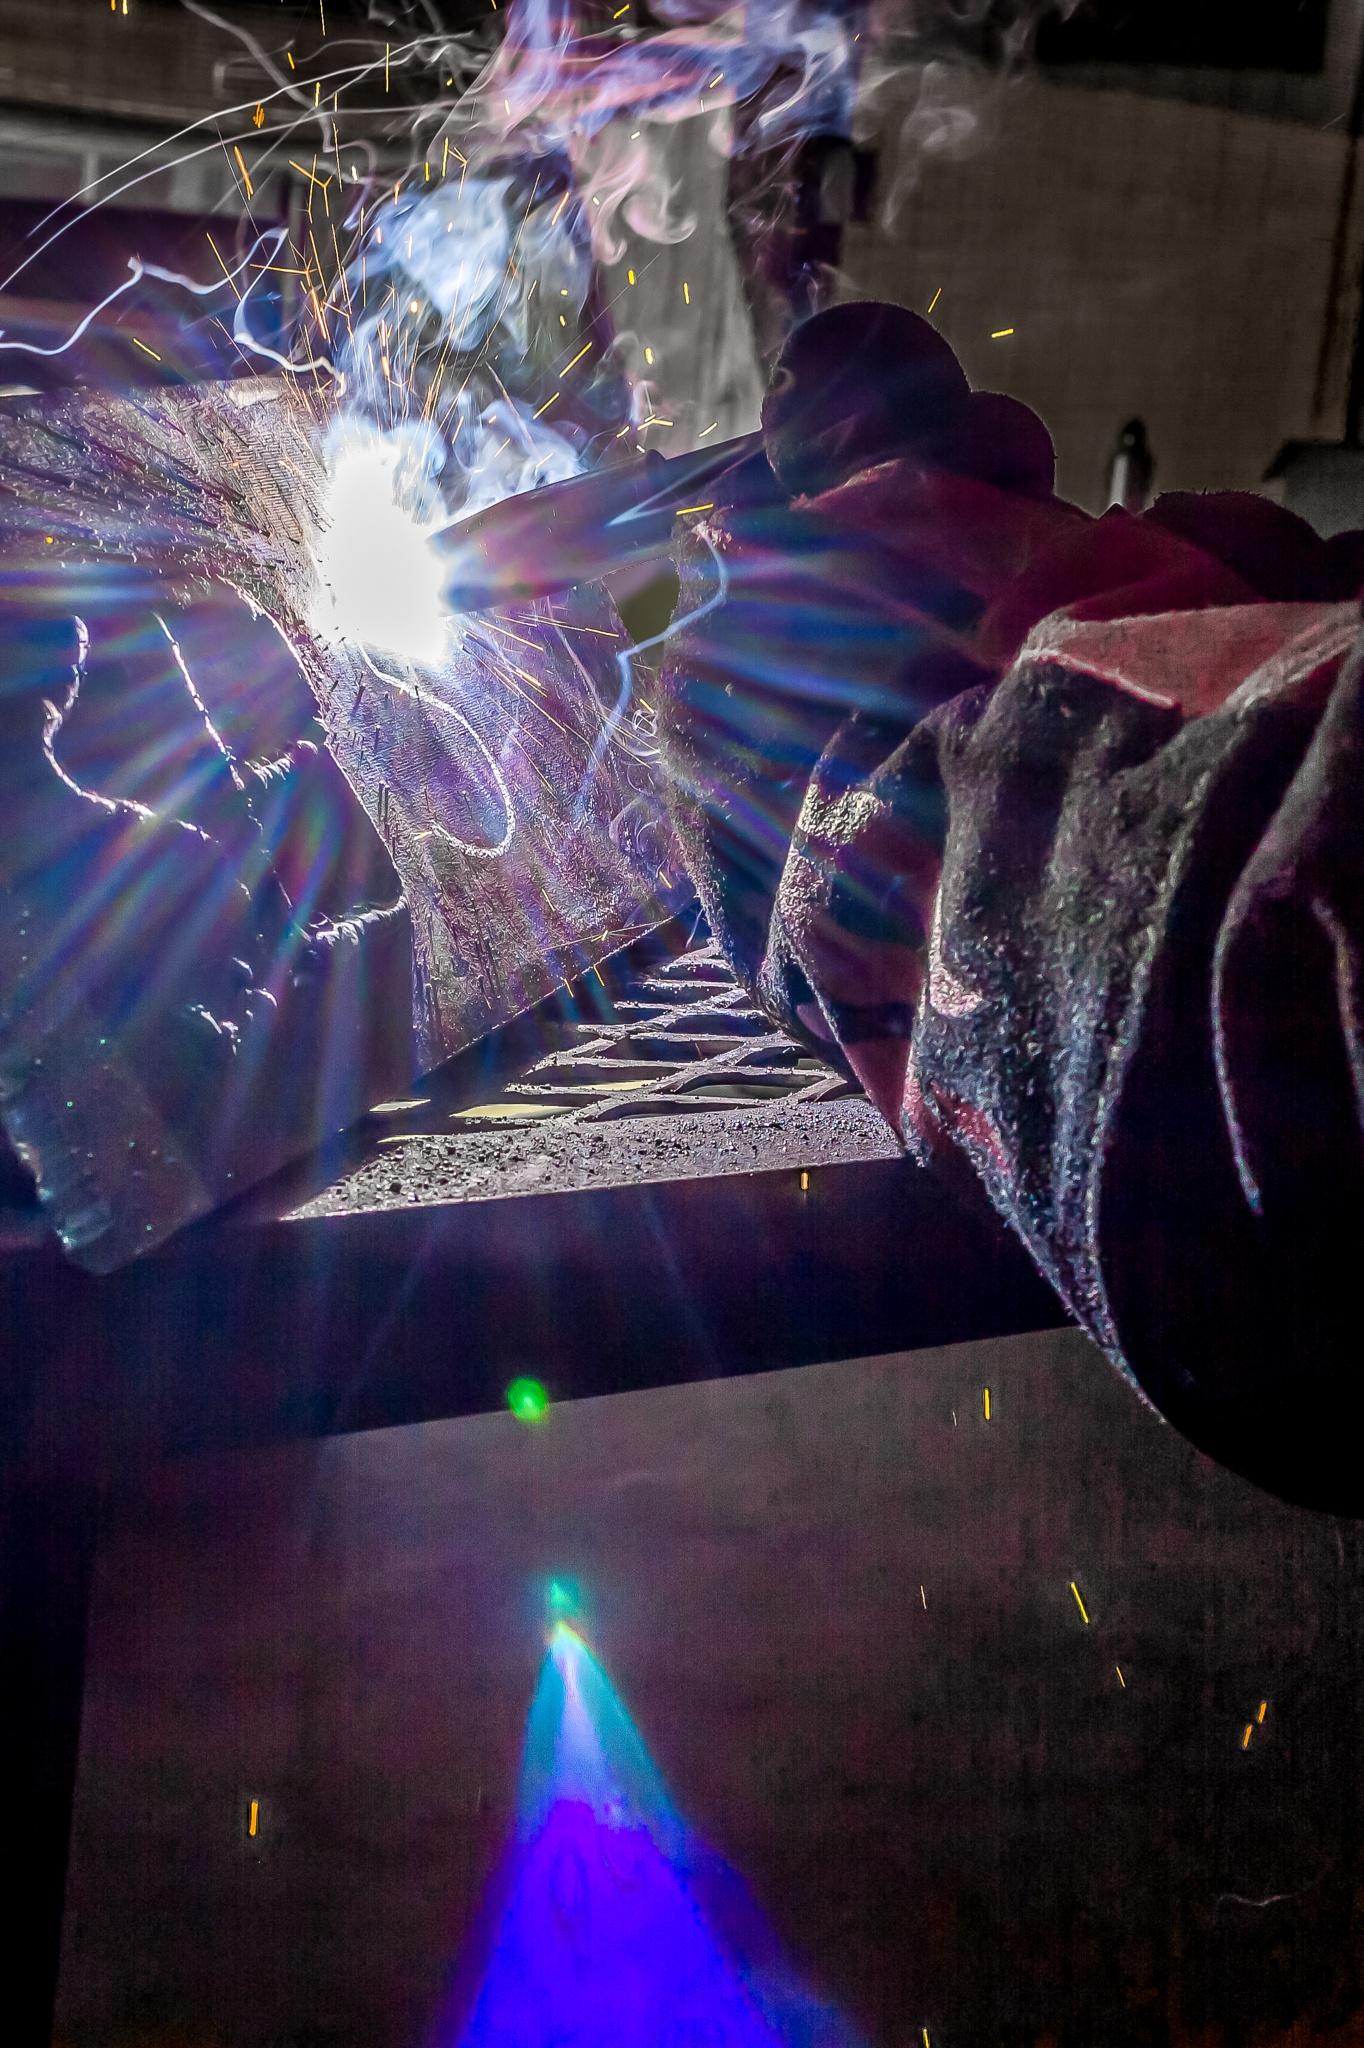 Illumination by manofhg